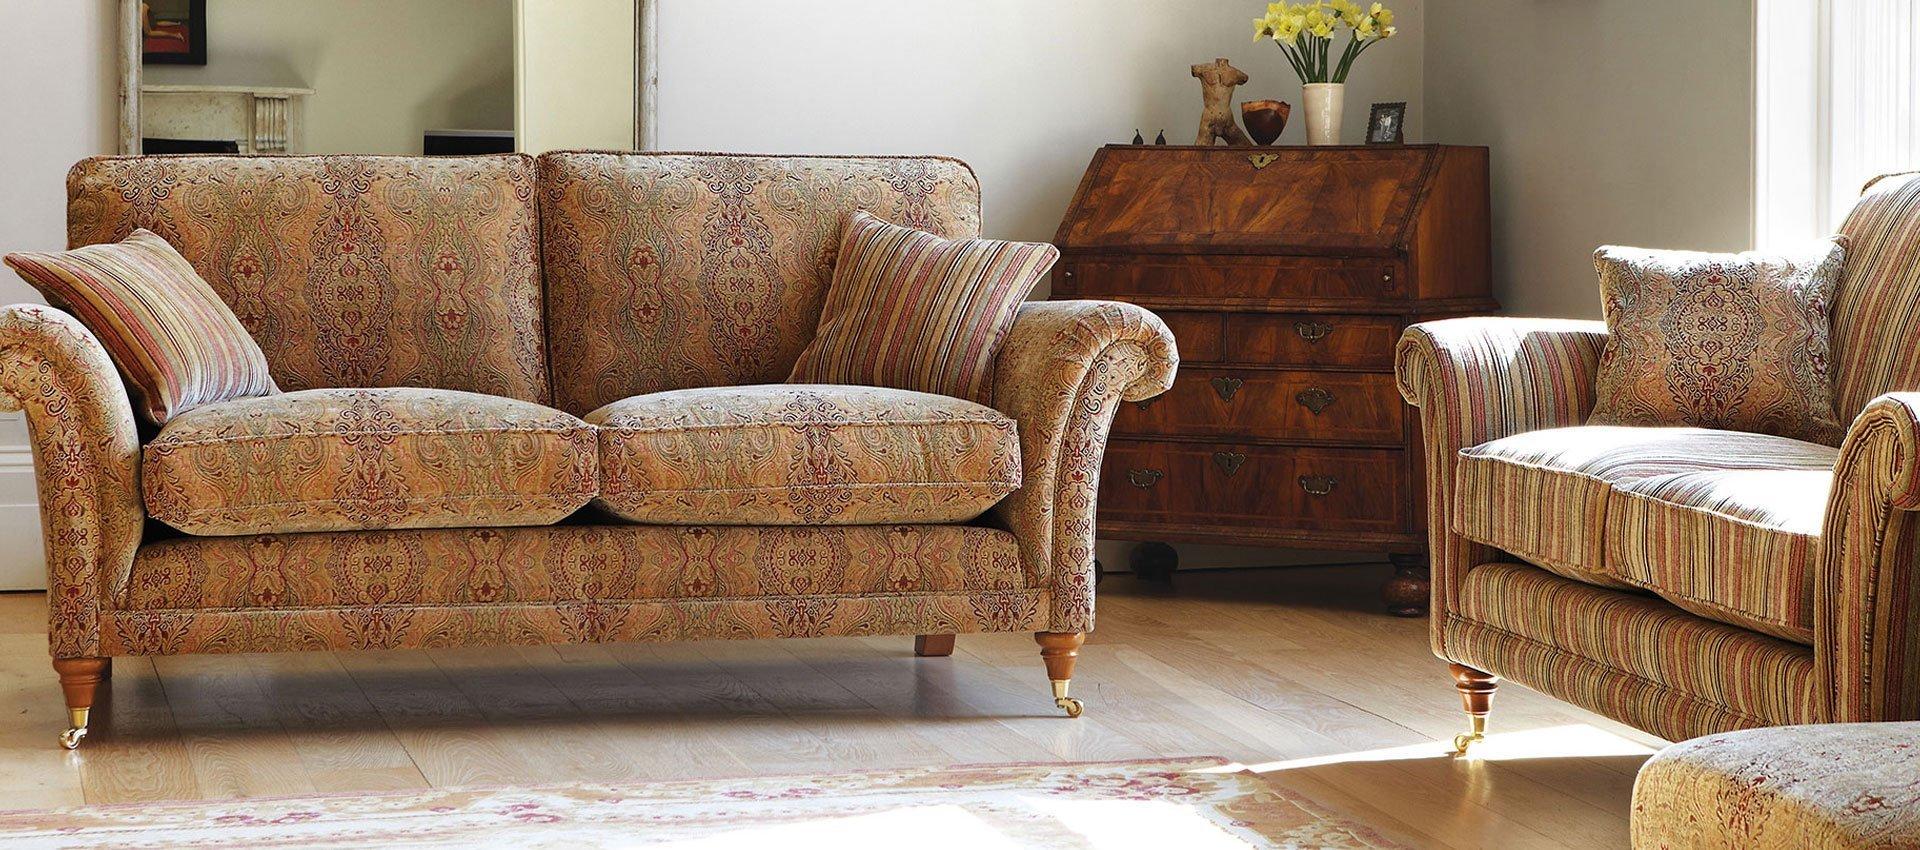 soft furnishing